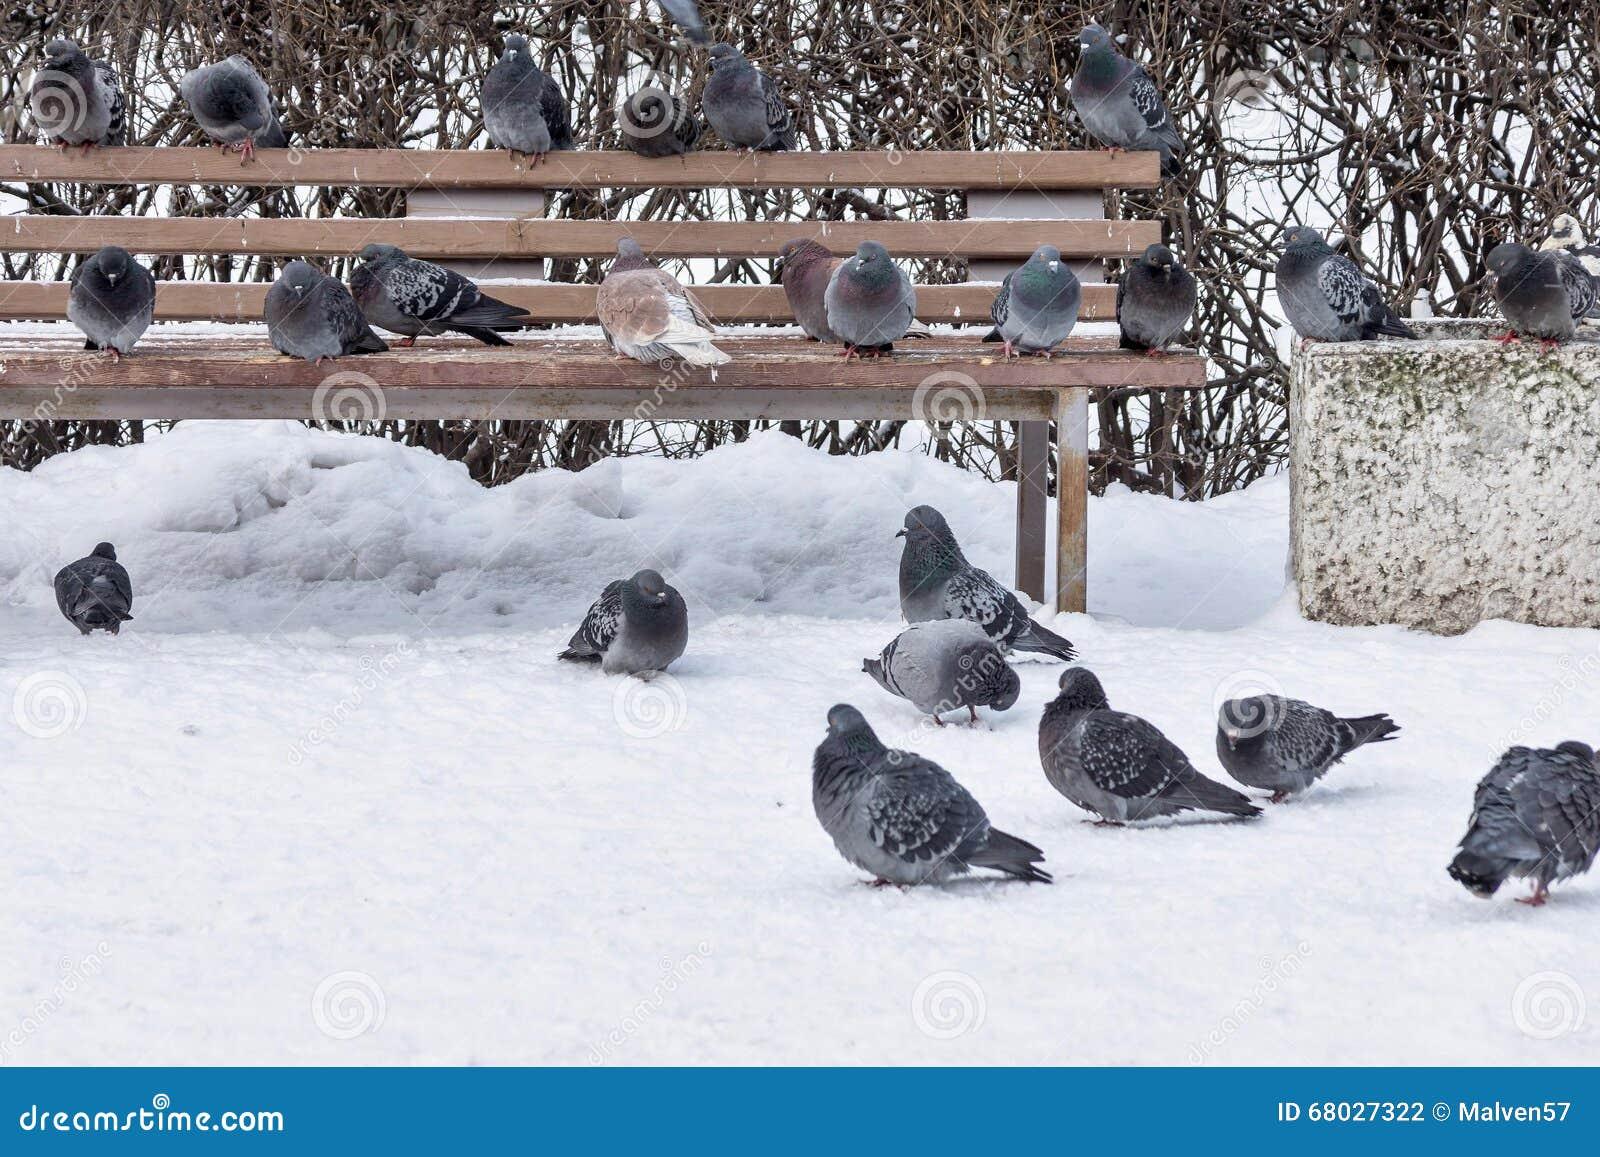 tauben im winter parken auf einer bank und einem schnee